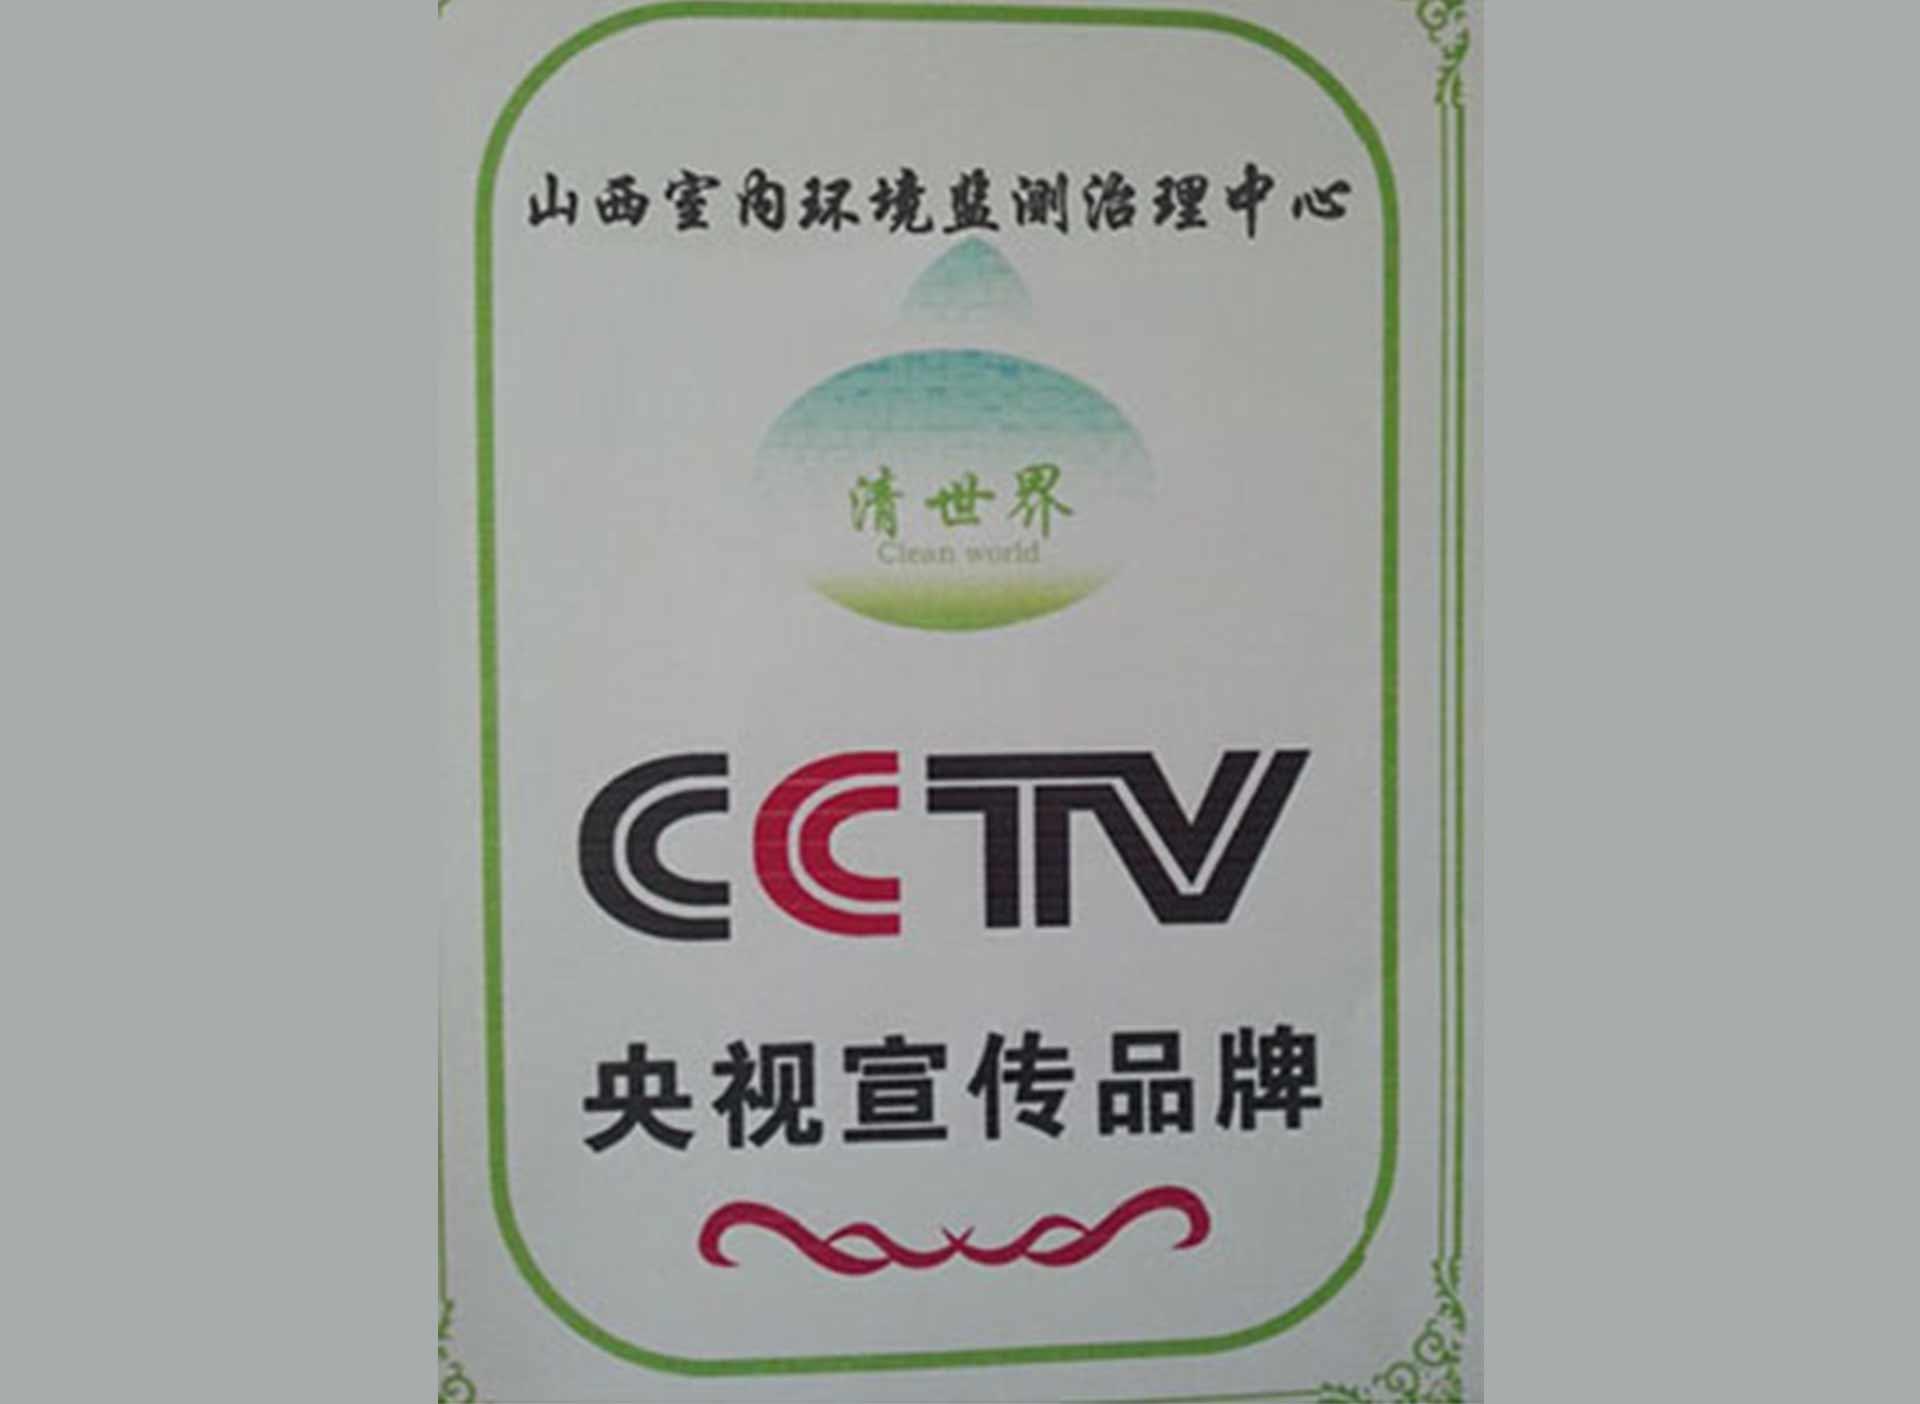 央视宣传品牌